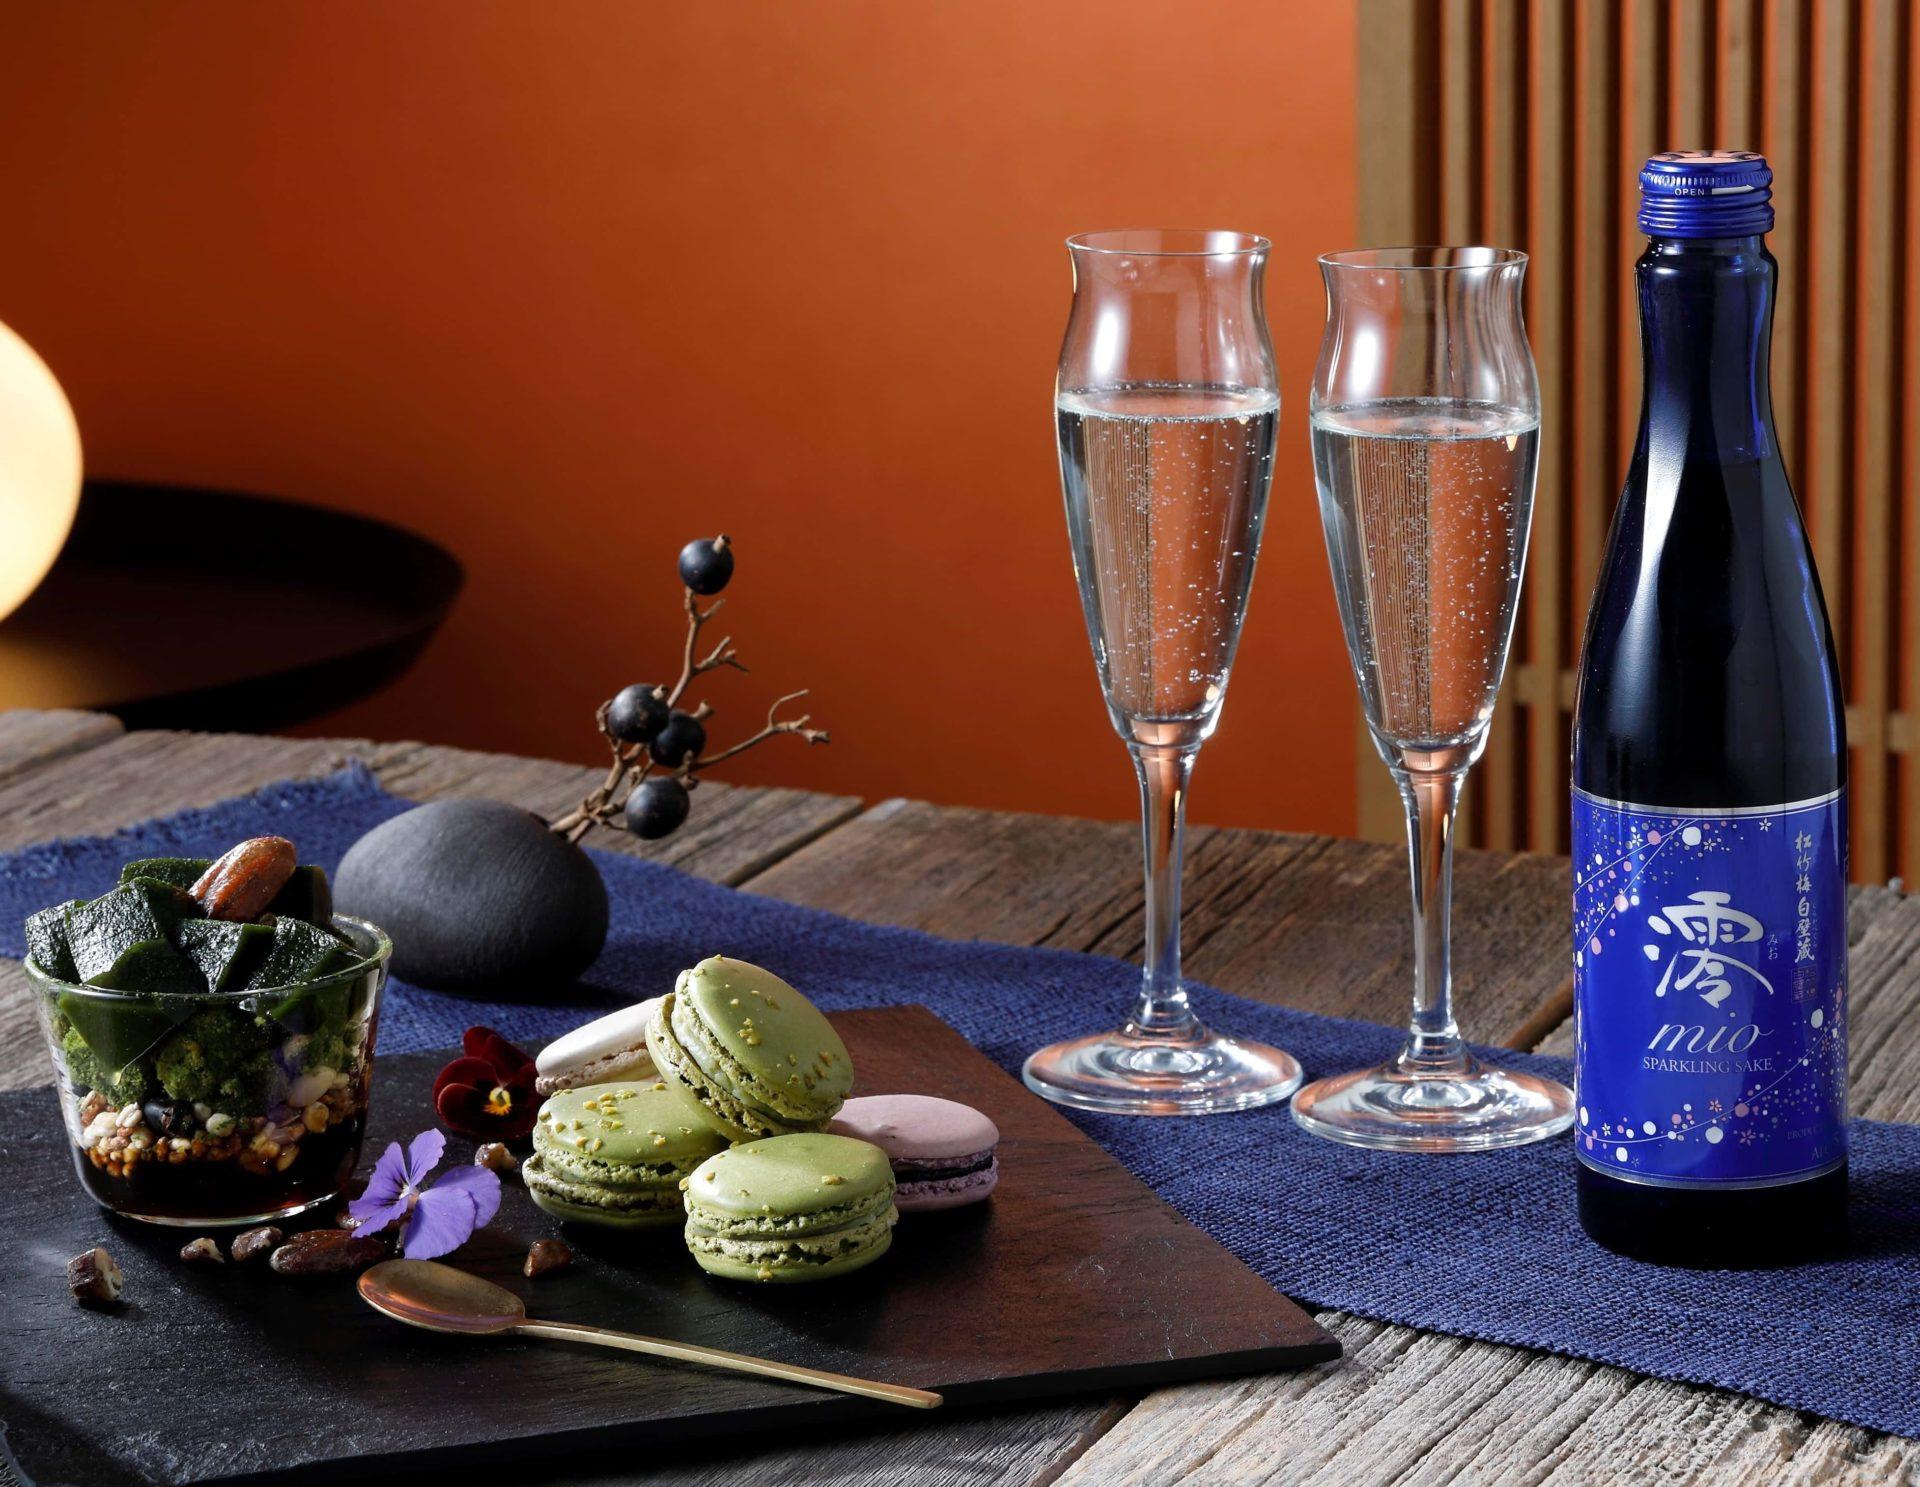 Le saké pétillant Mio et Mio dry de Shirakabegura Takara Shuzô